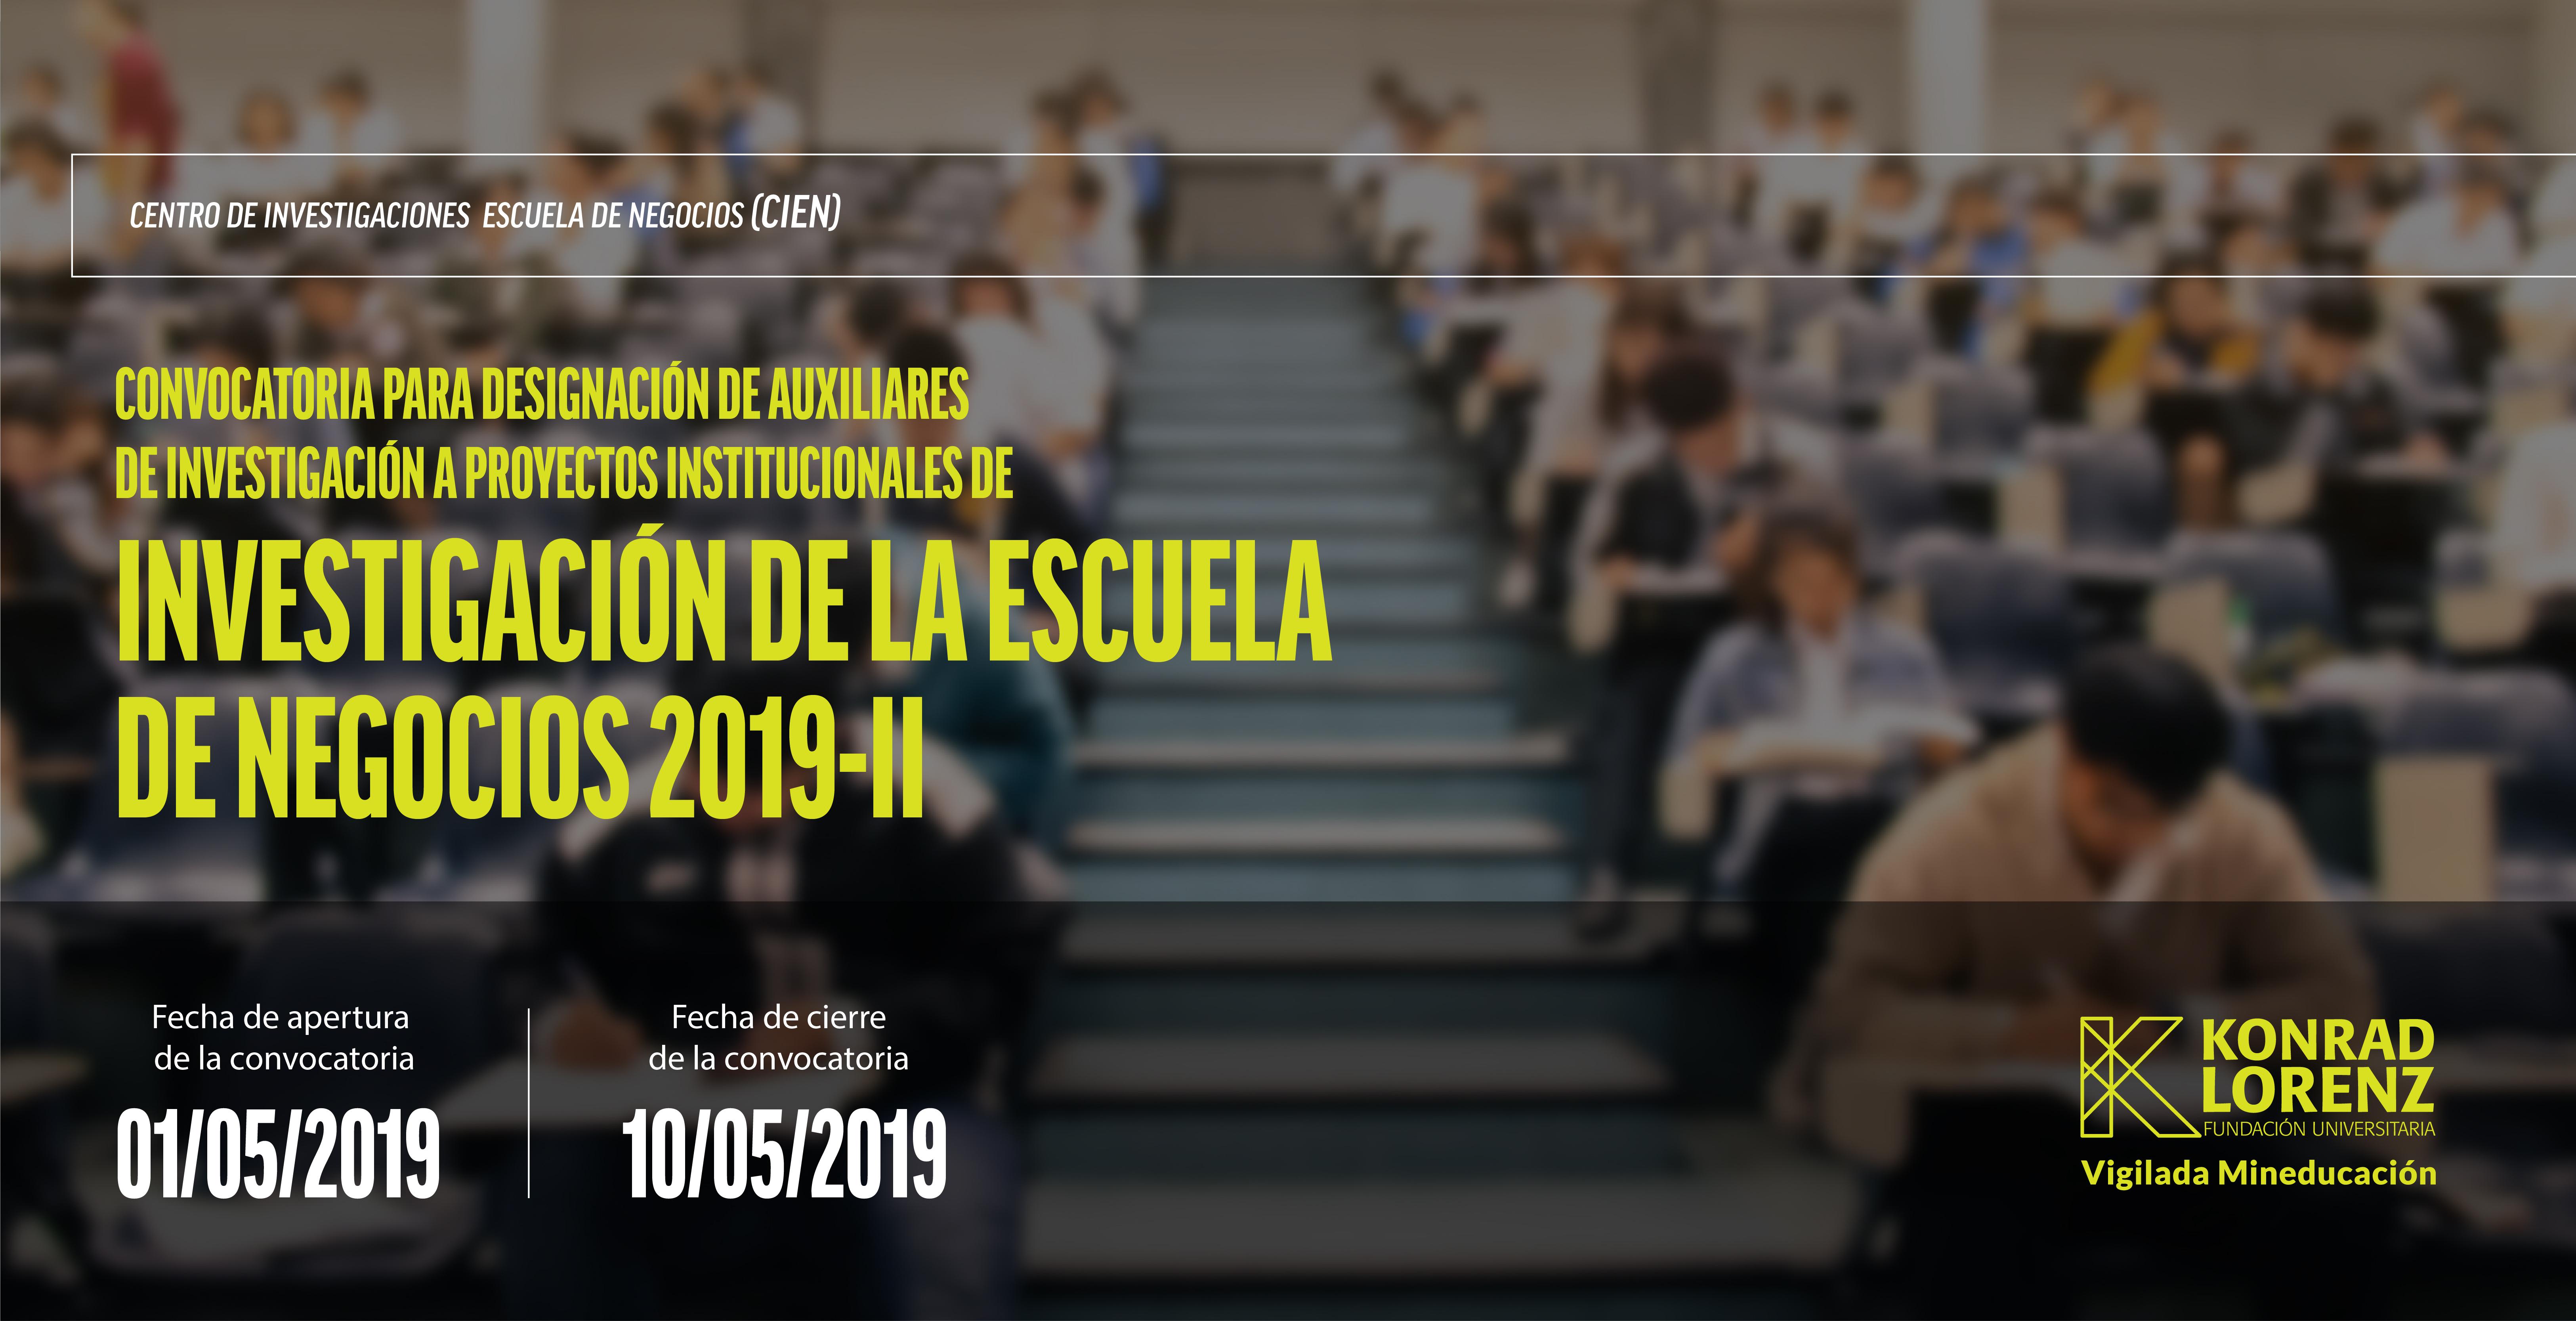 Convocatoria para designación de Auxiliares de investigación a Proyectos Institucionales de Investigacíon de la Escuela de Negocios 2019 - II